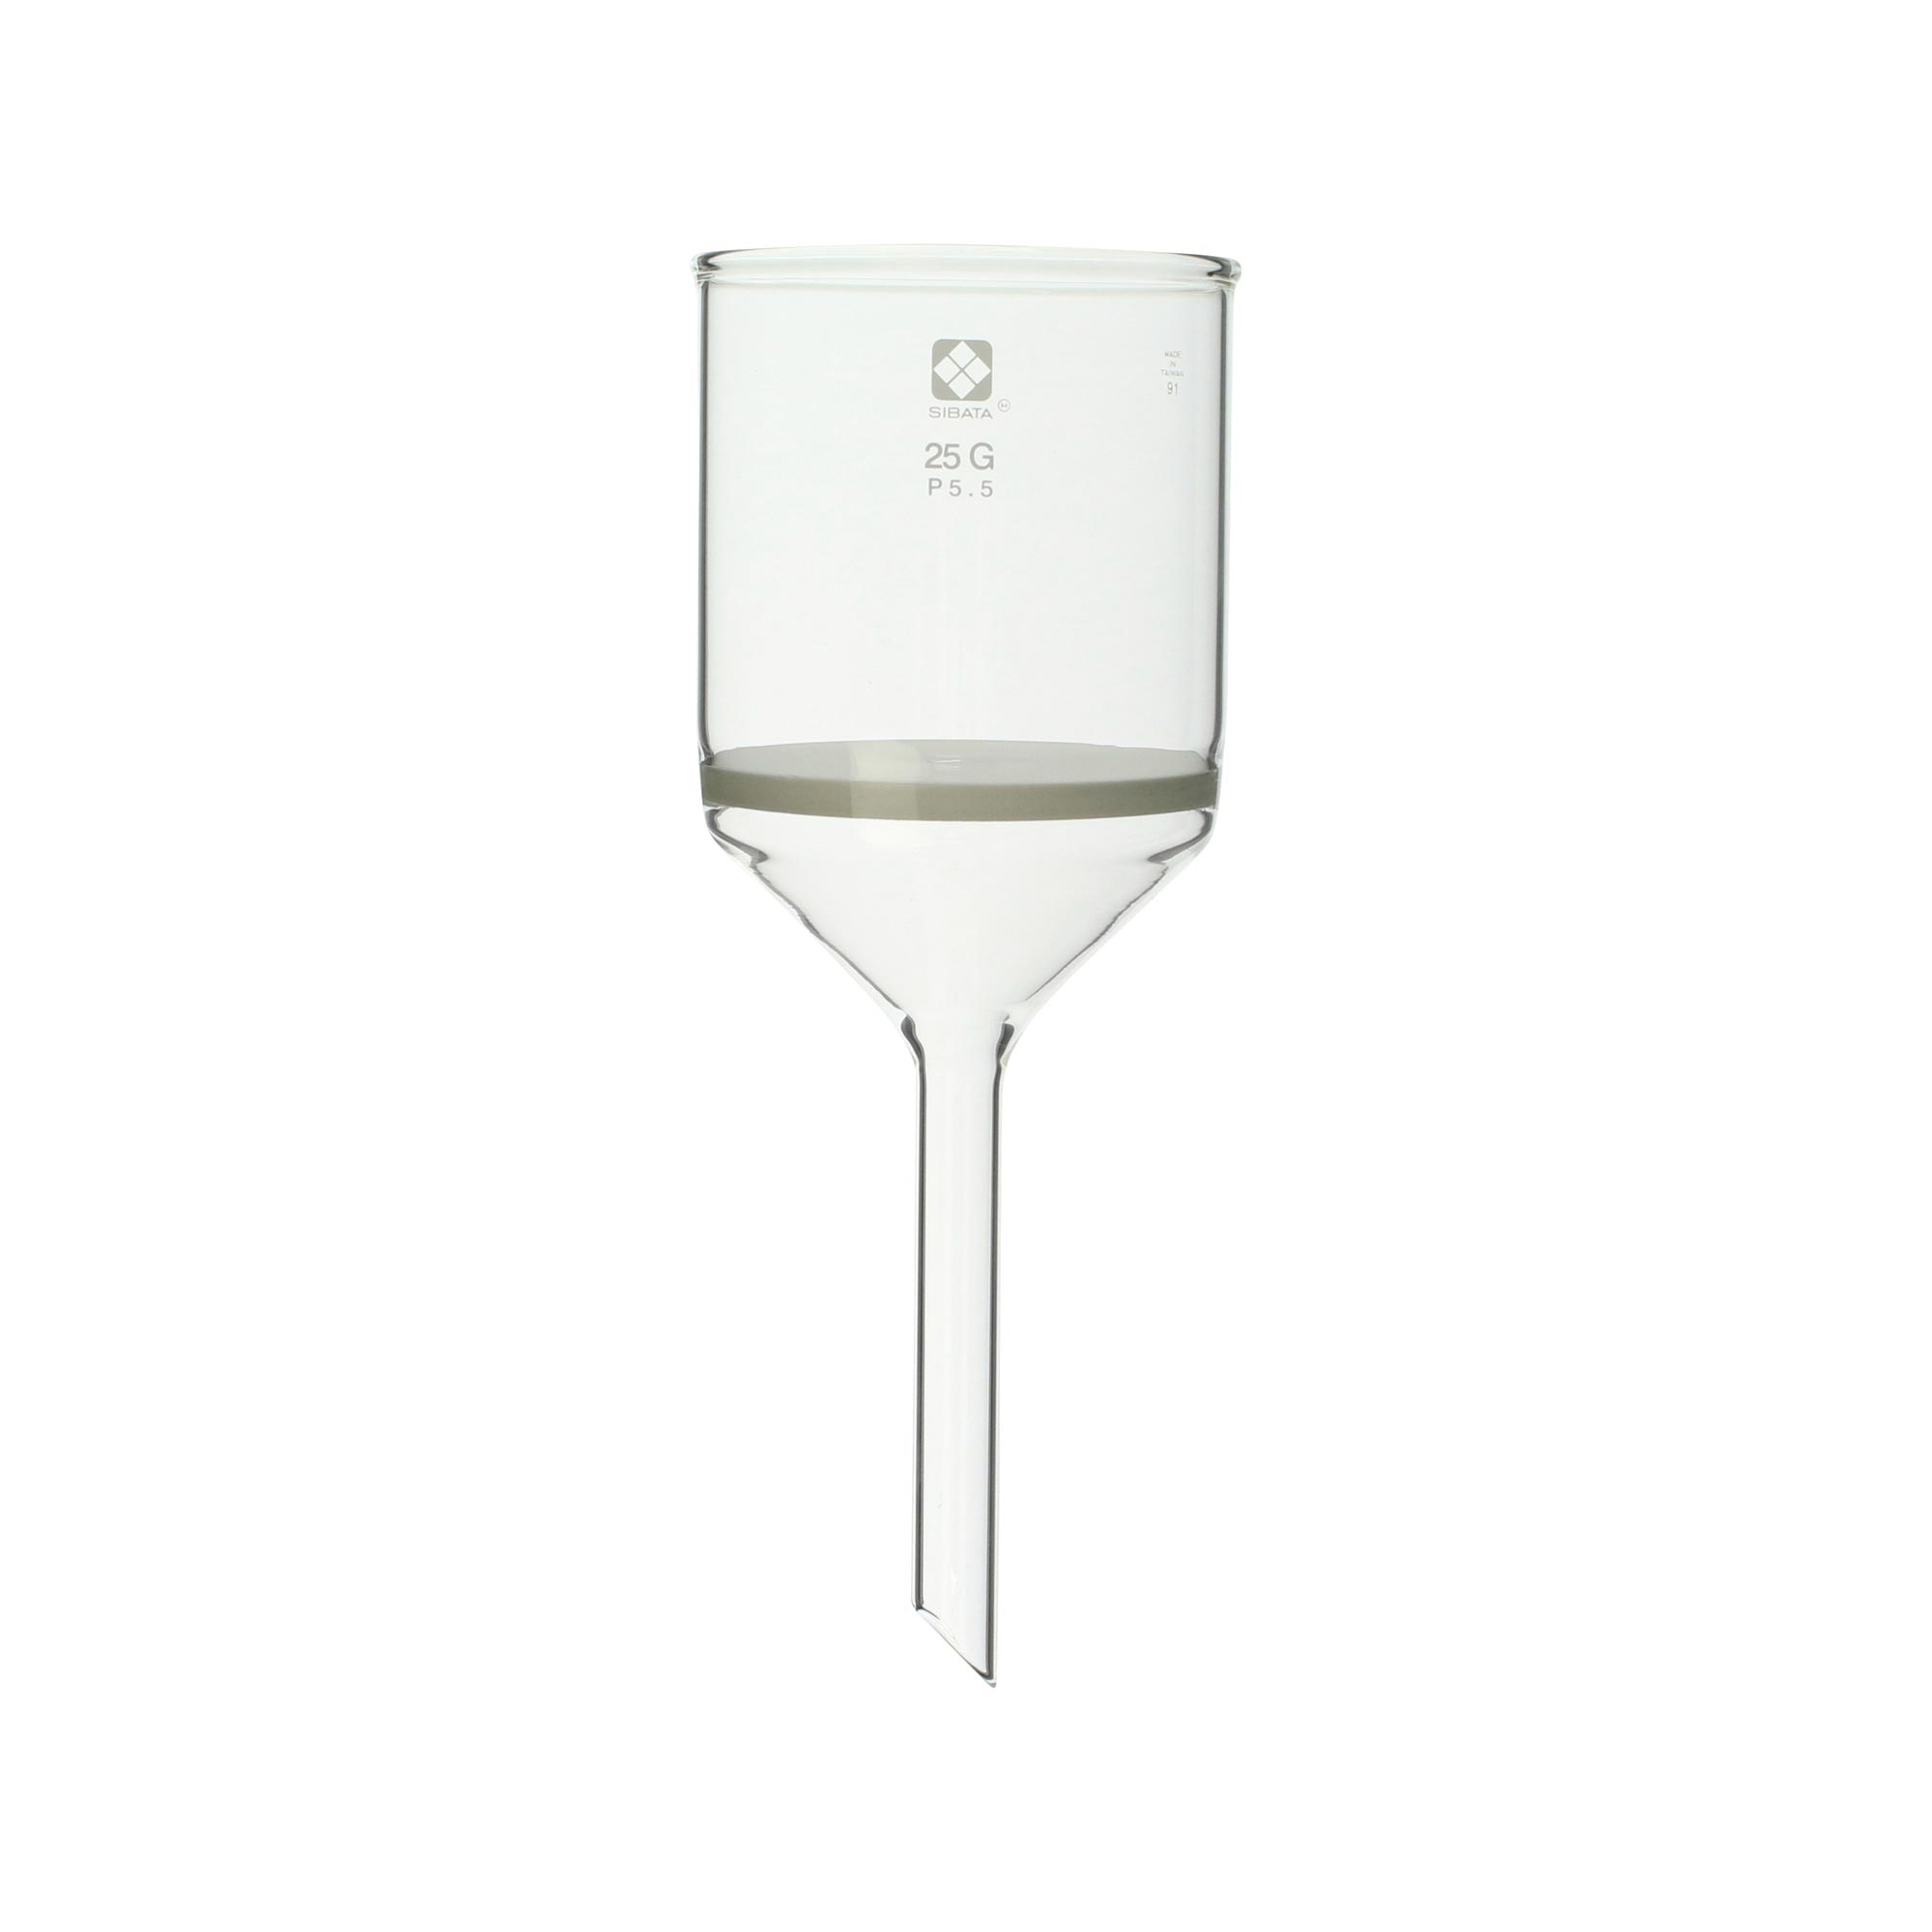 ガラスろ過器 25G ブフナロート形 25GP5.5